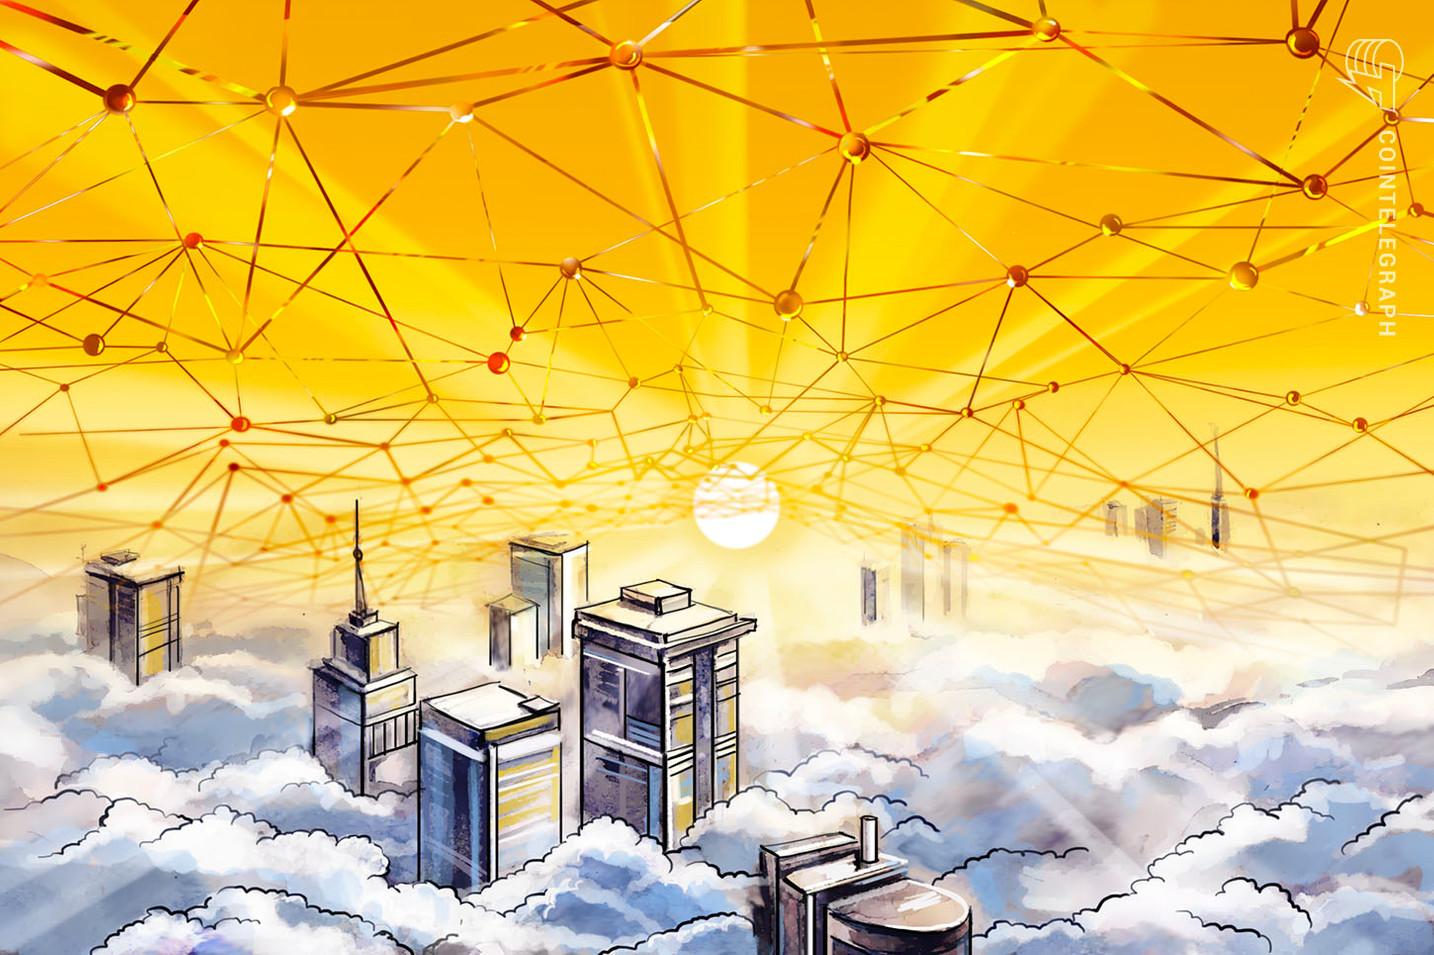 Membro del Parlamento Europeo: la decentralizzazione tramite DLT 'garantisce una maggiore sicurezza'